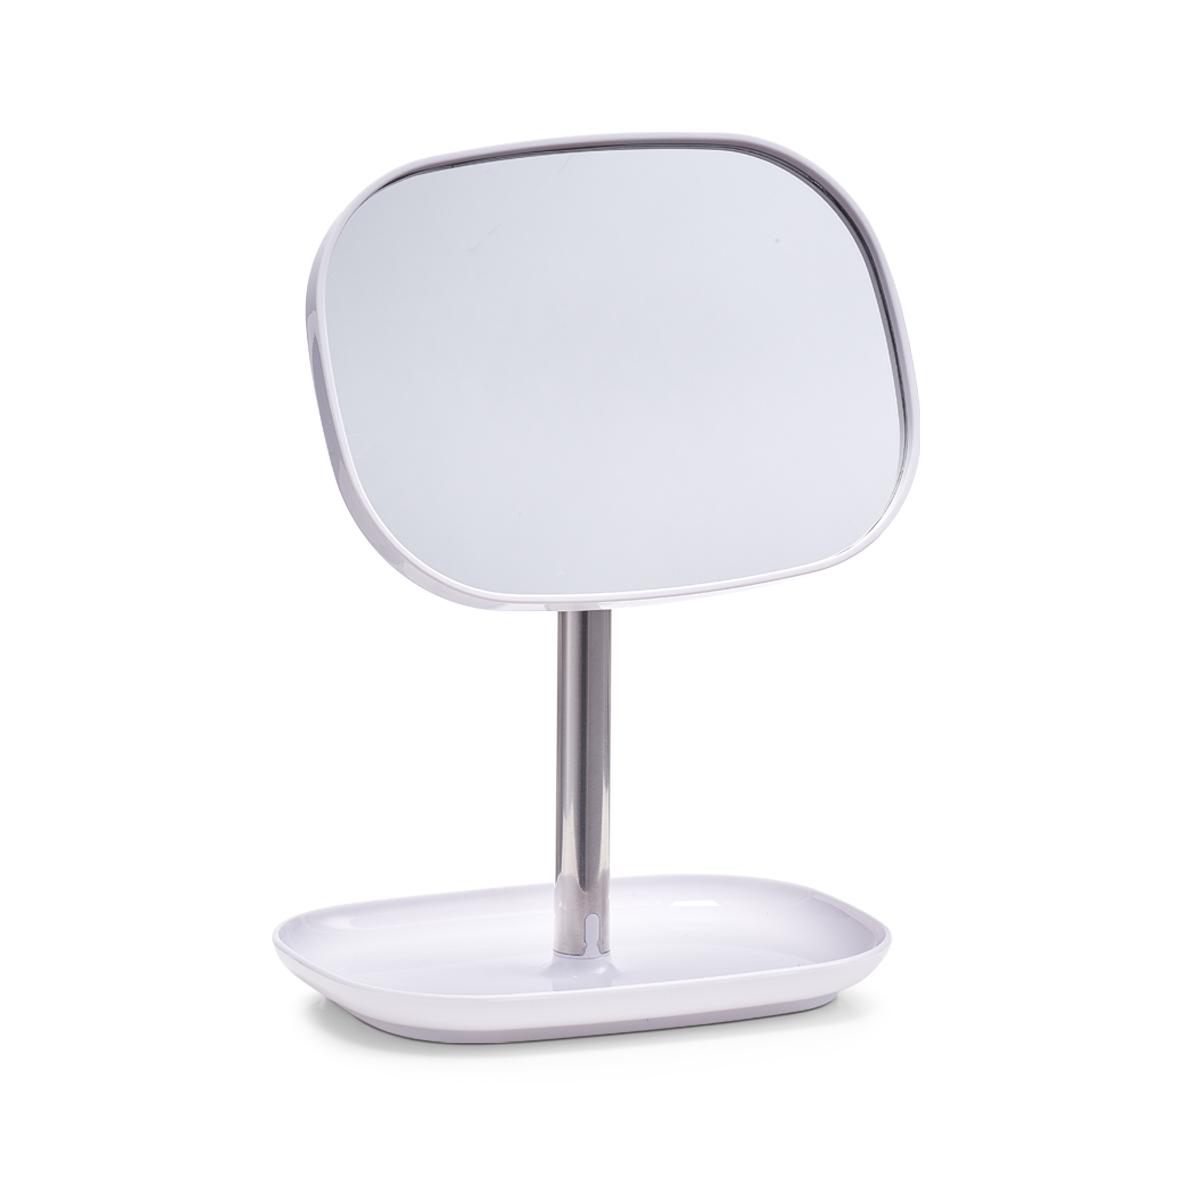 Oglinda cosmetica cu spatiu pentru produse Otel inoxidabil l178xA128xH24 cm